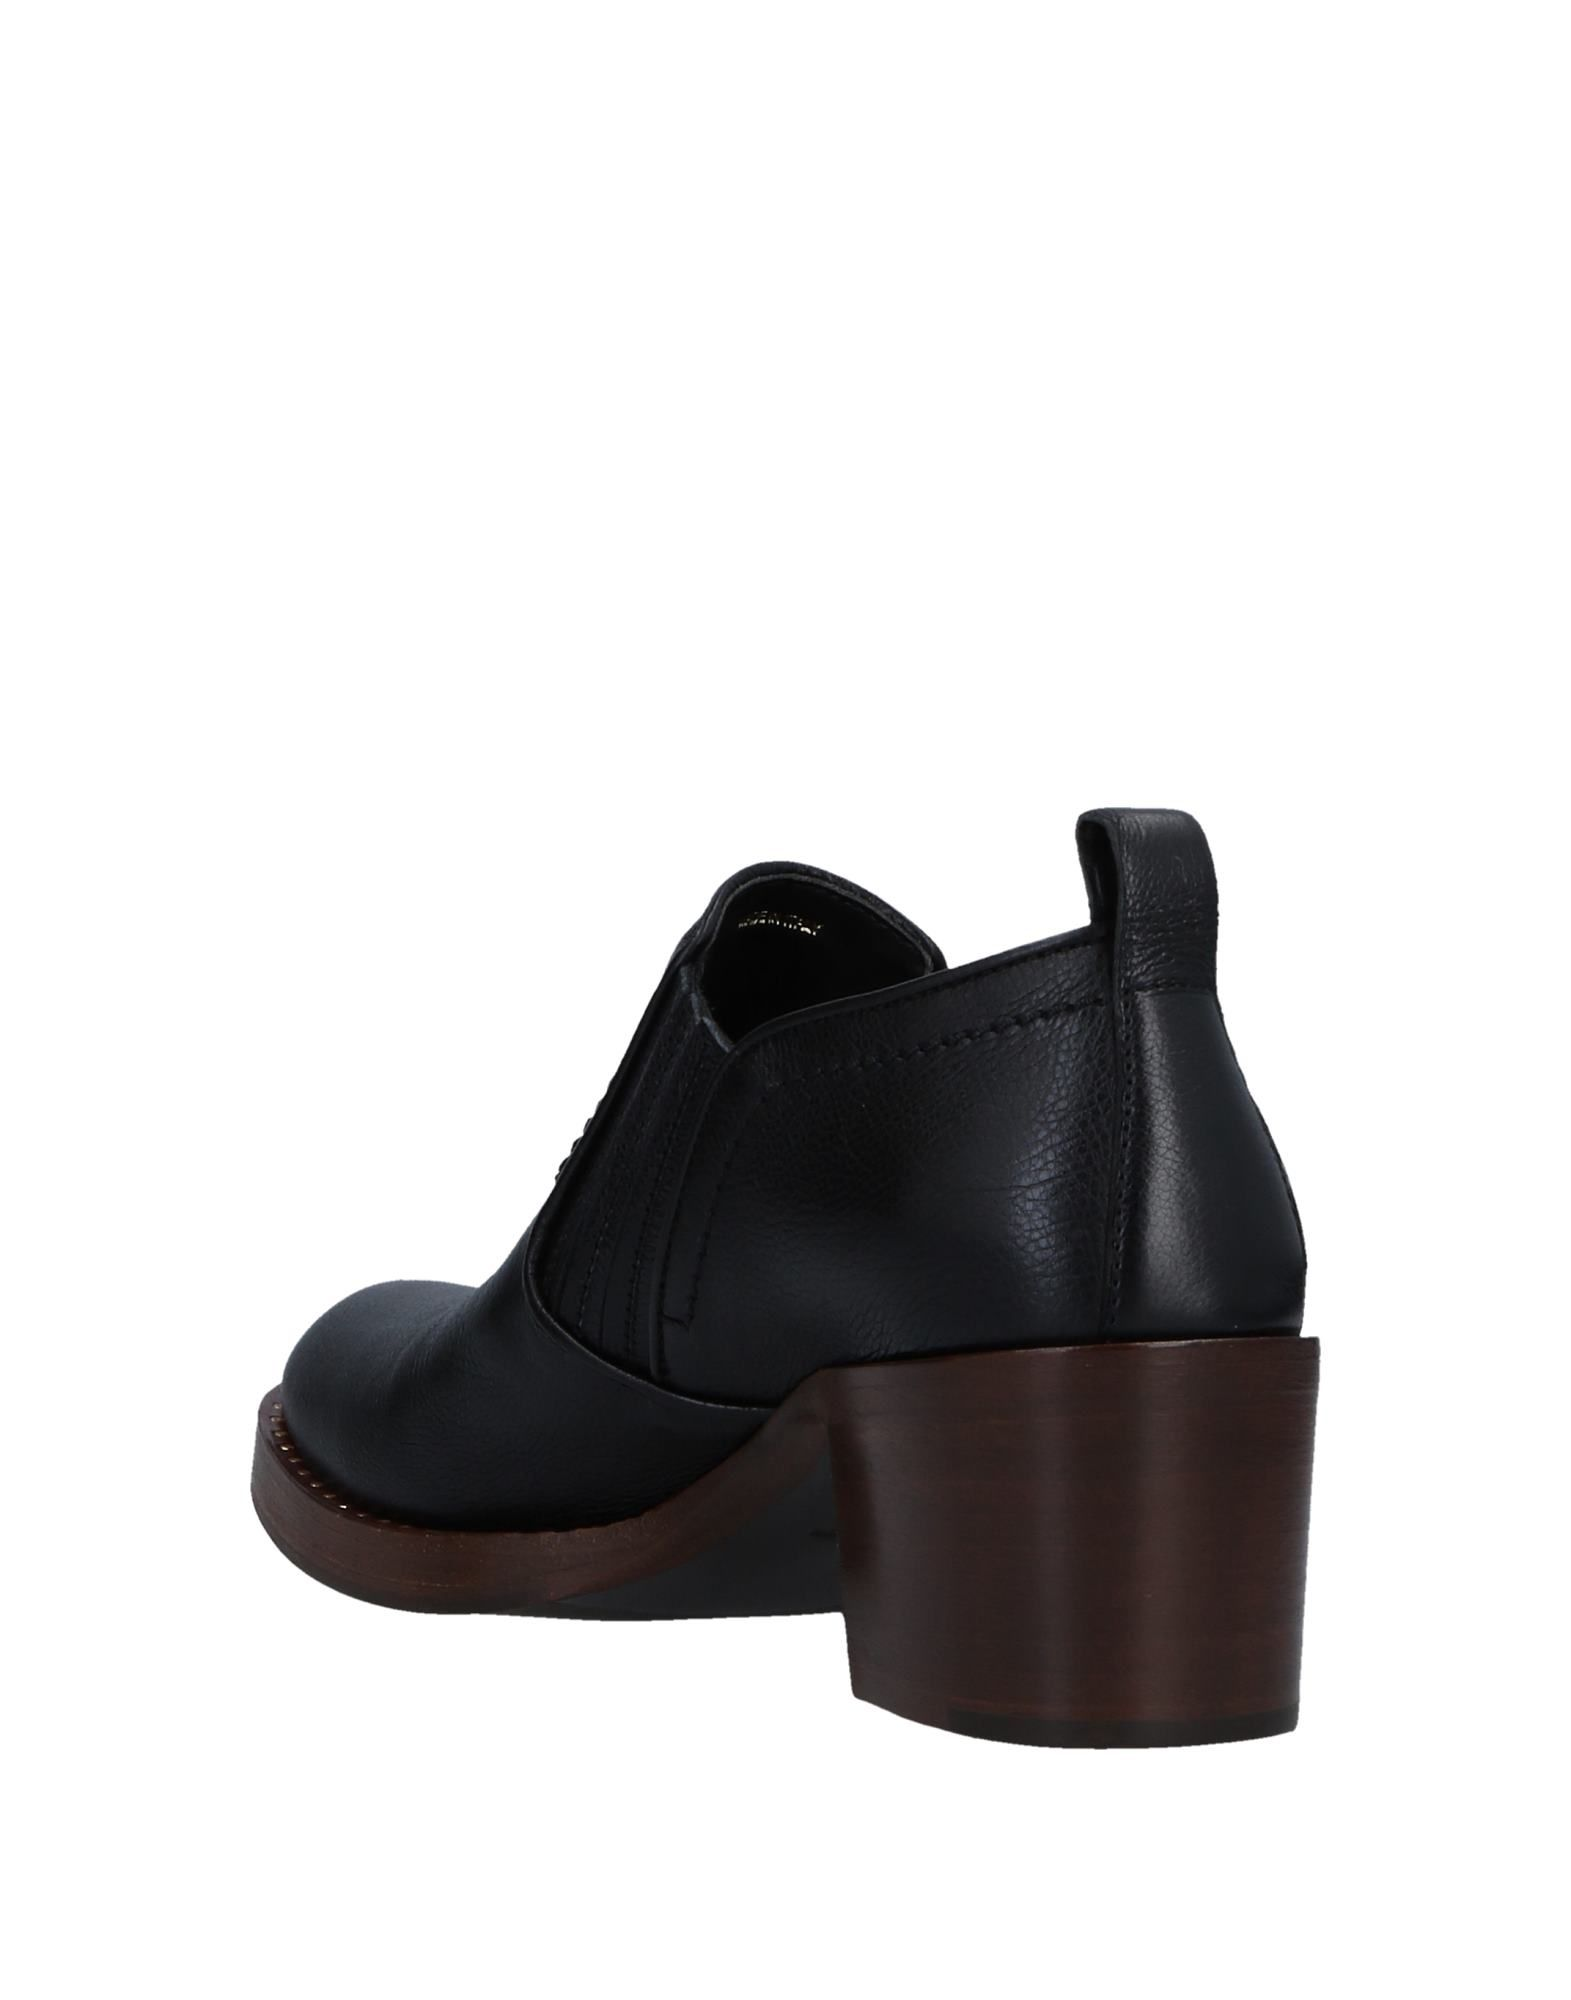 Rabatt Schuhe Stiefelette Carshoe Stiefelette Schuhe Damen  11522720DX fa6453